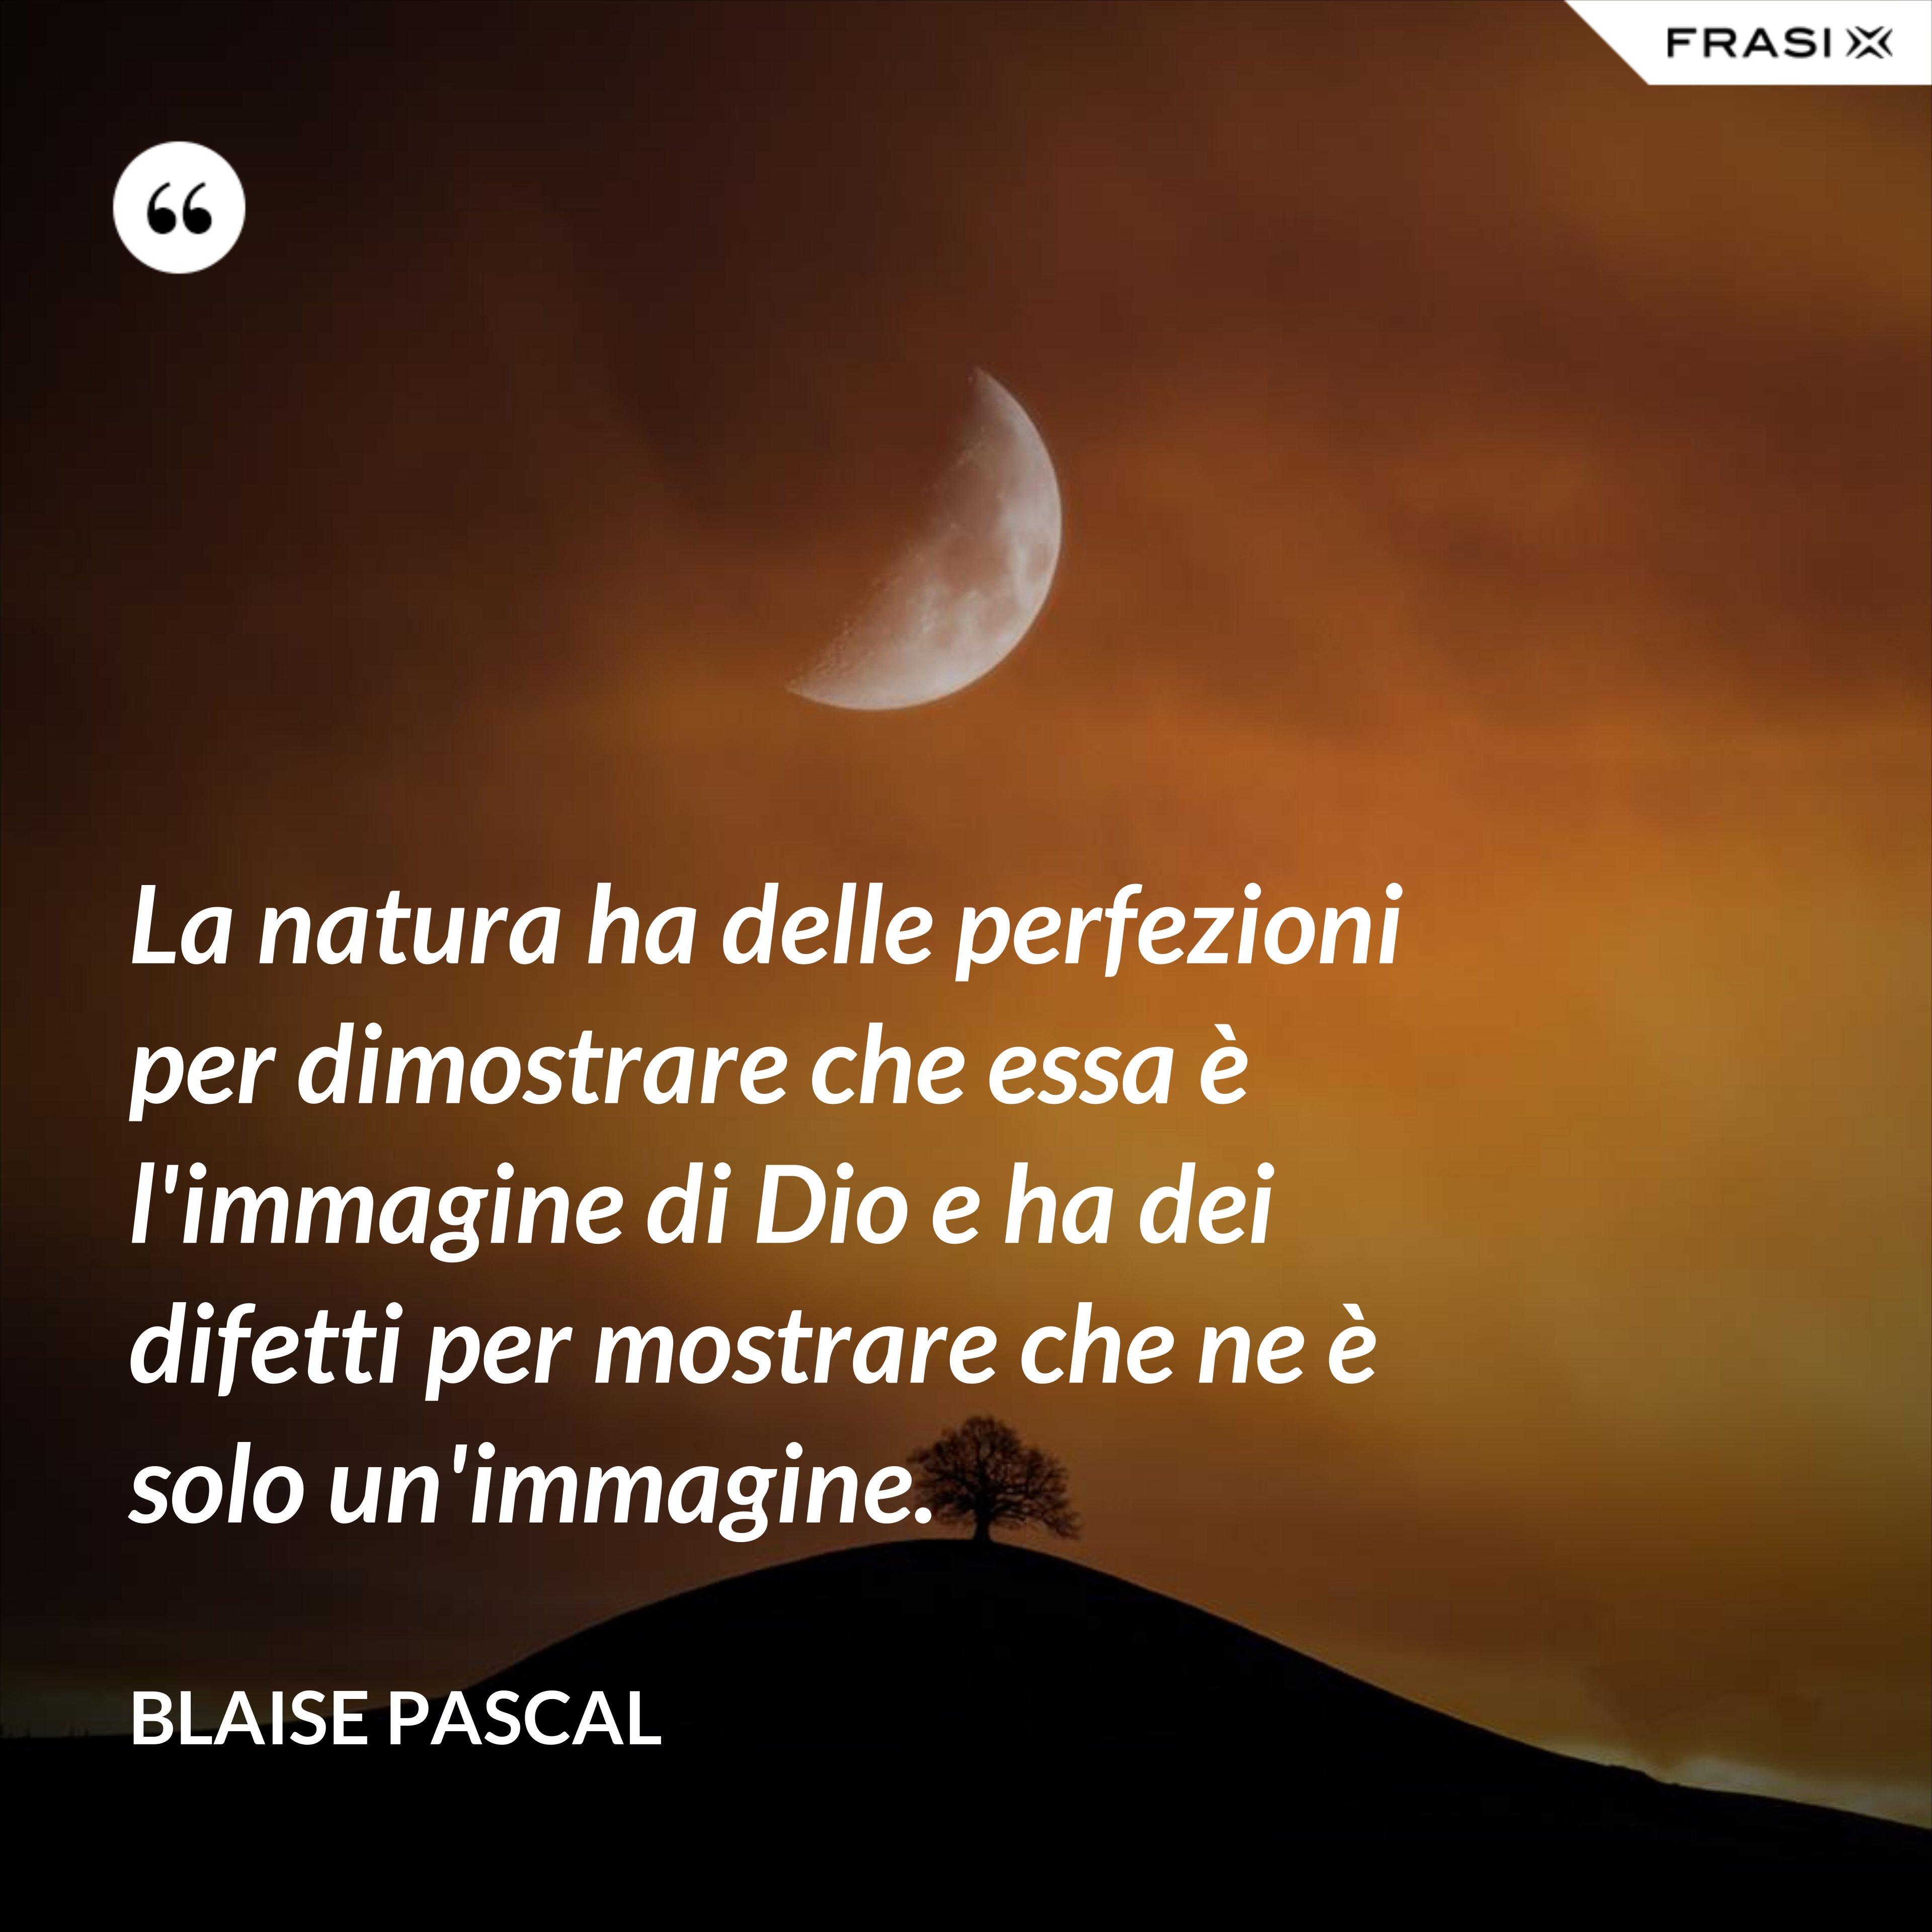 La natura ha delle perfezioni per dimostrare che essa è l'immagine di Dio e ha dei difetti per mostrare che ne è solo un'immagine. - Blaise Pascal